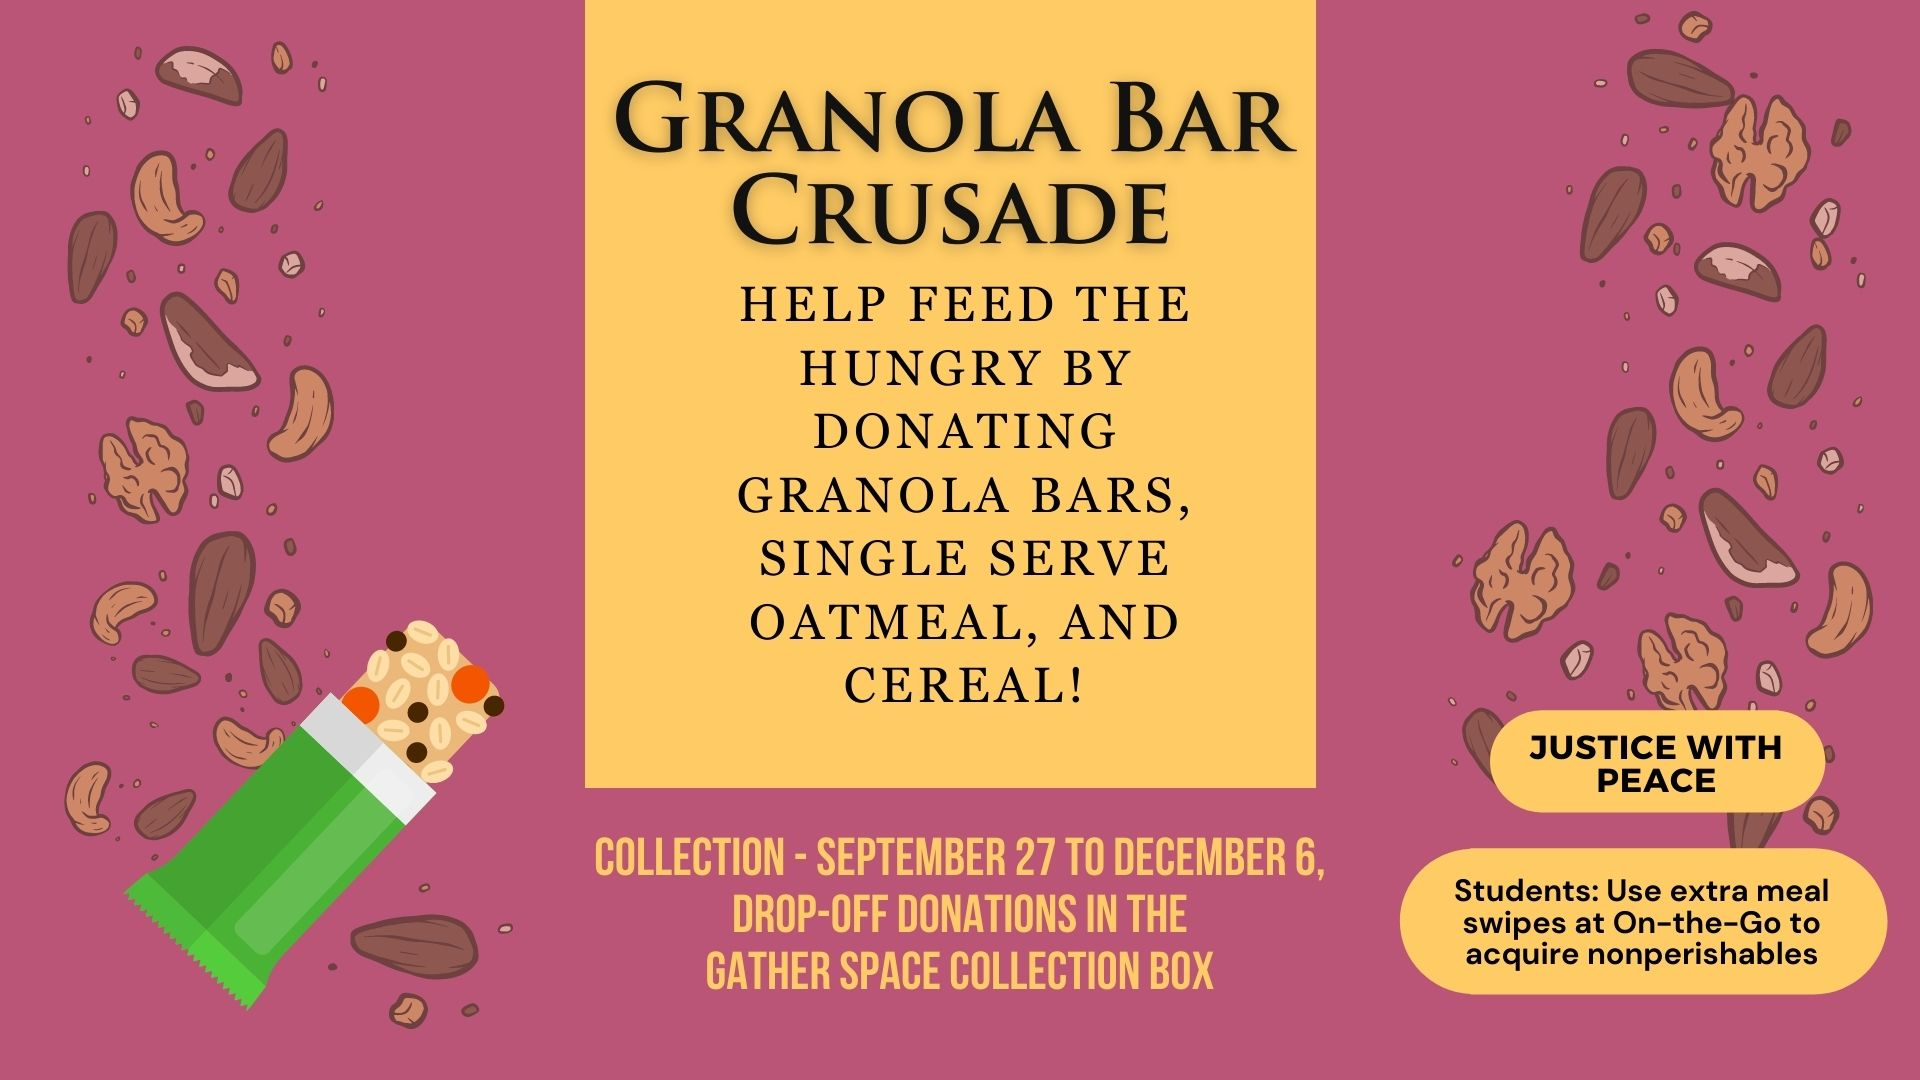 Granola Bar Crusade (Presentation)